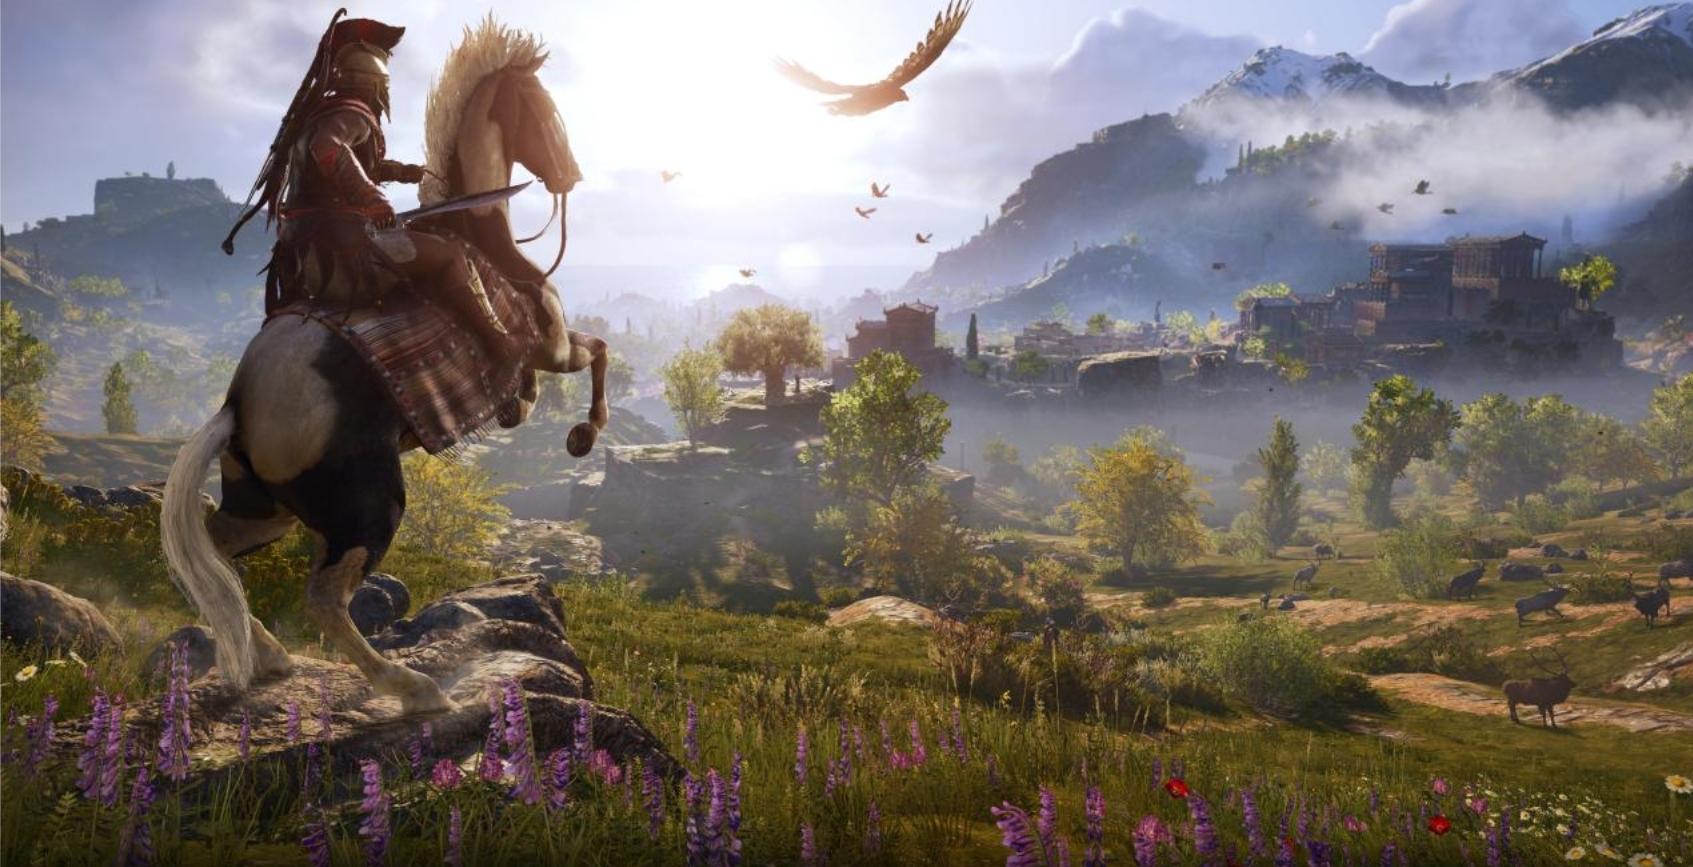 Assassin's creed als Fantasy-RPG ???